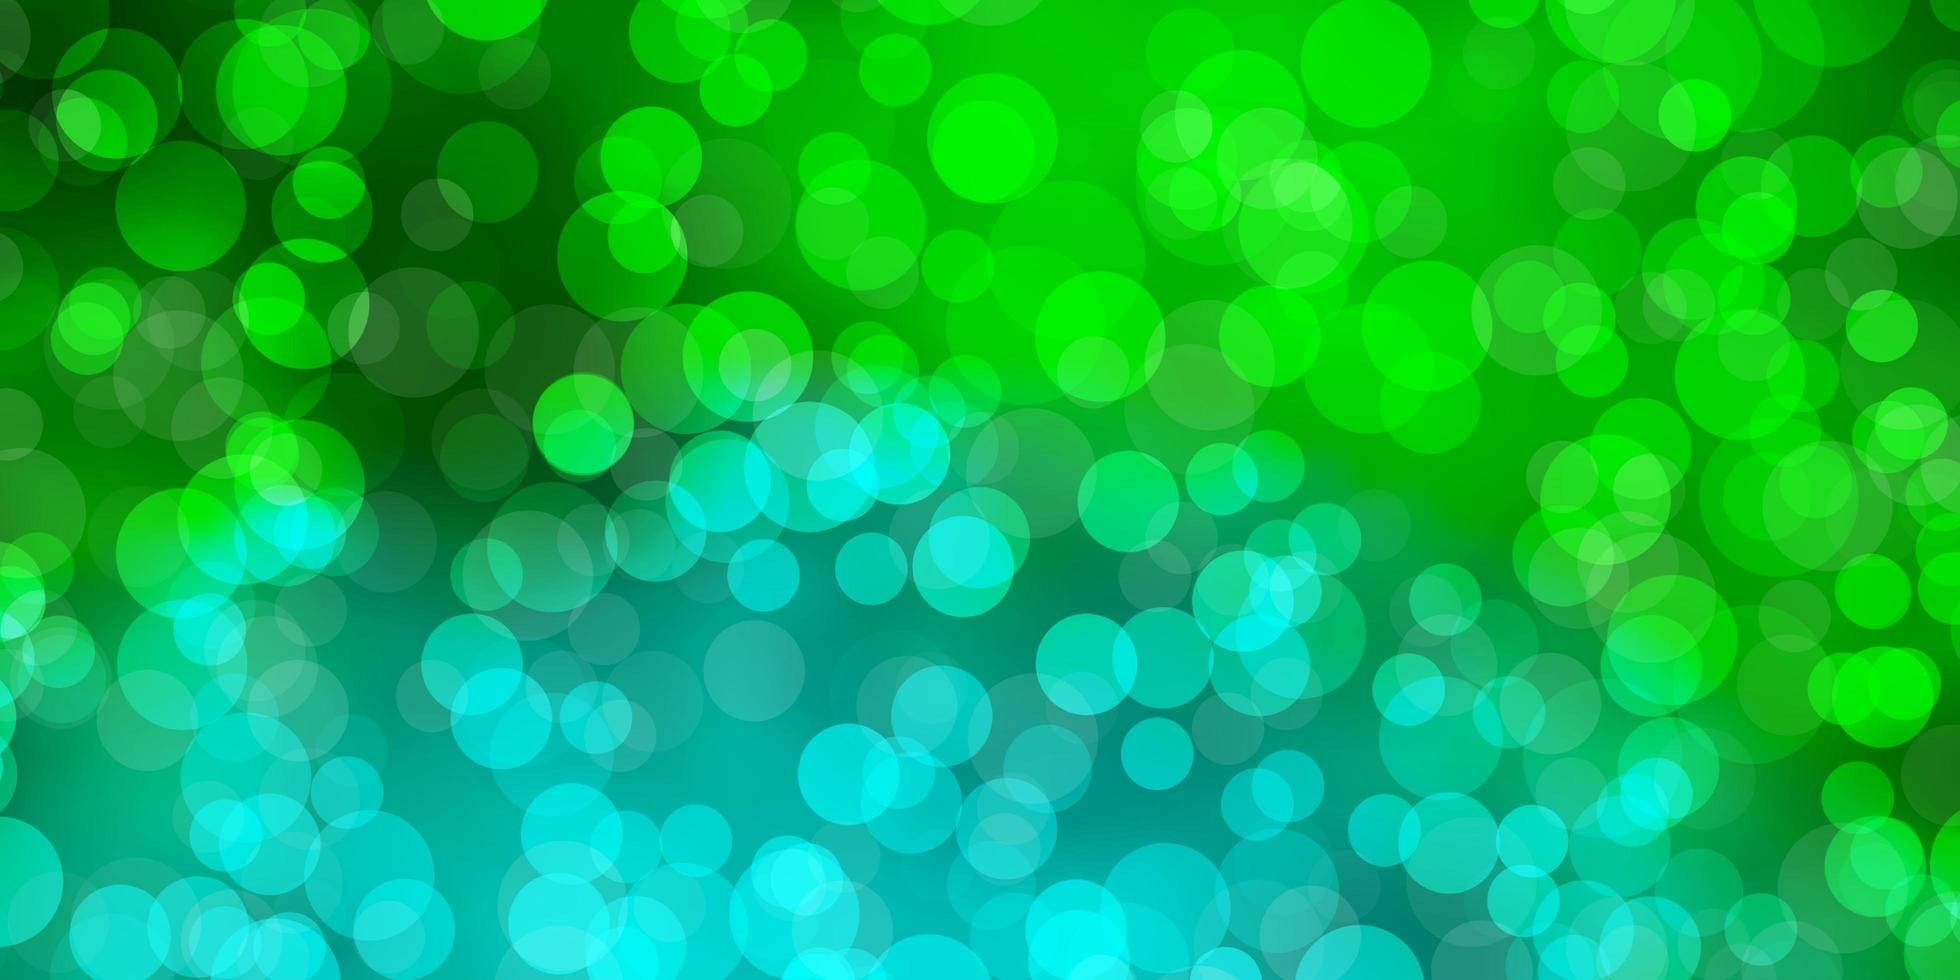 sfondo vettoriale verde chiaro con bolle.